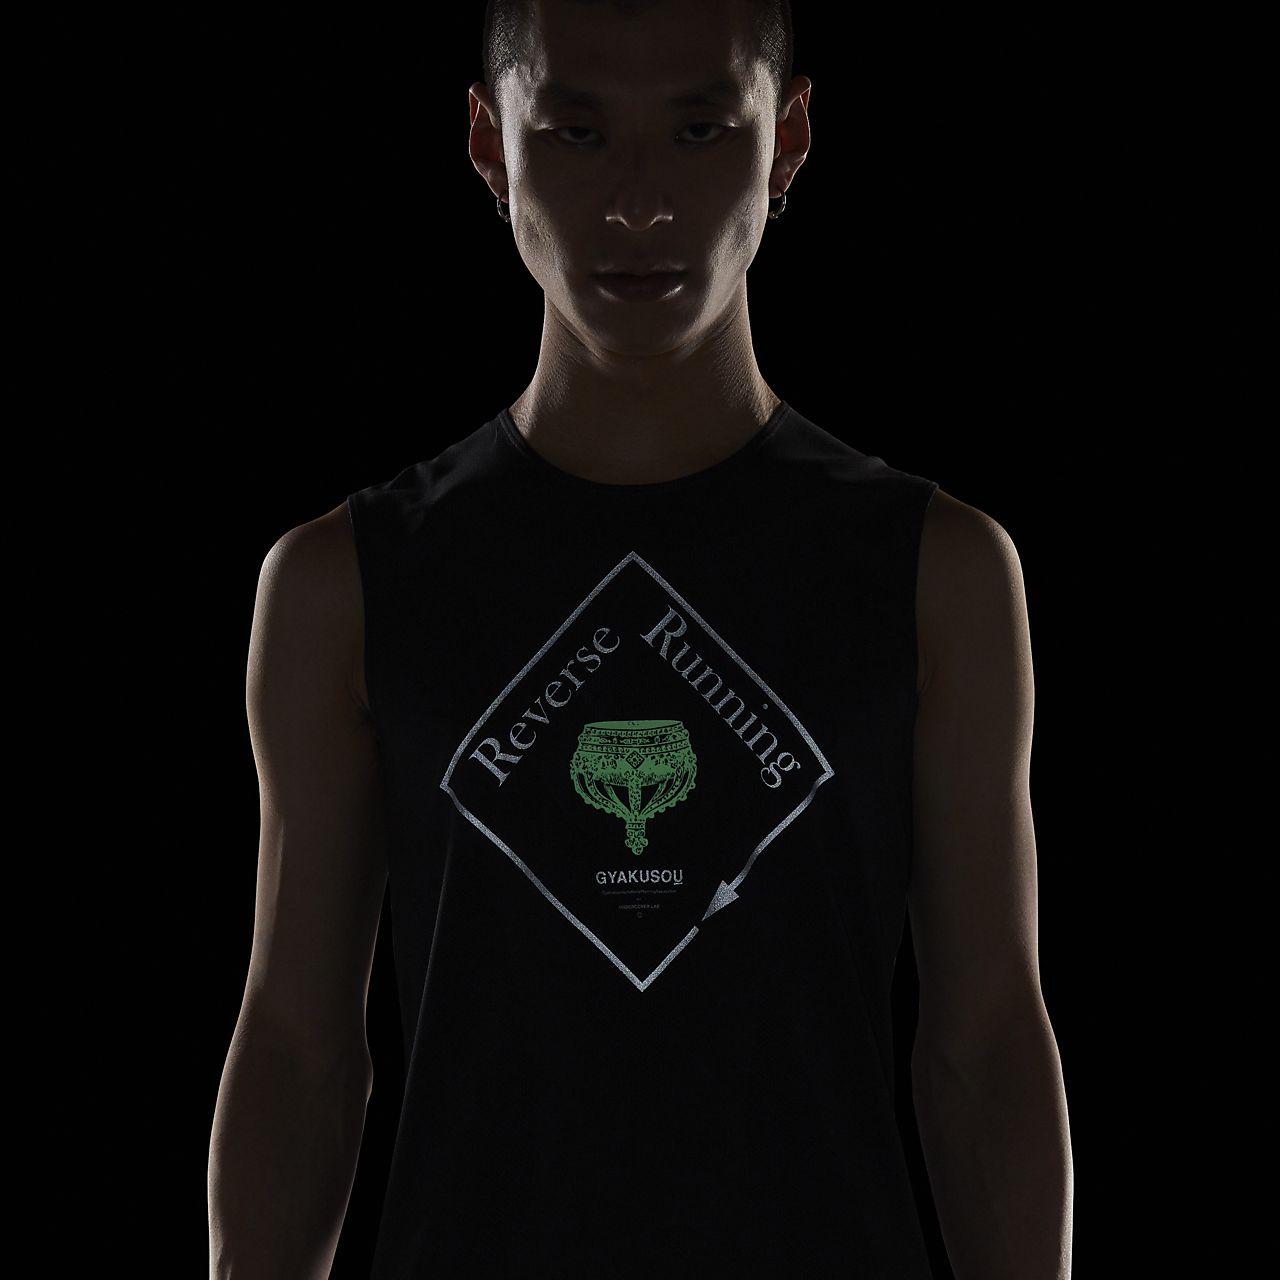 f4423f92f35f1 NikeLab Gyakusou Dri-FIT Men's Tank Top. Nike.com VN